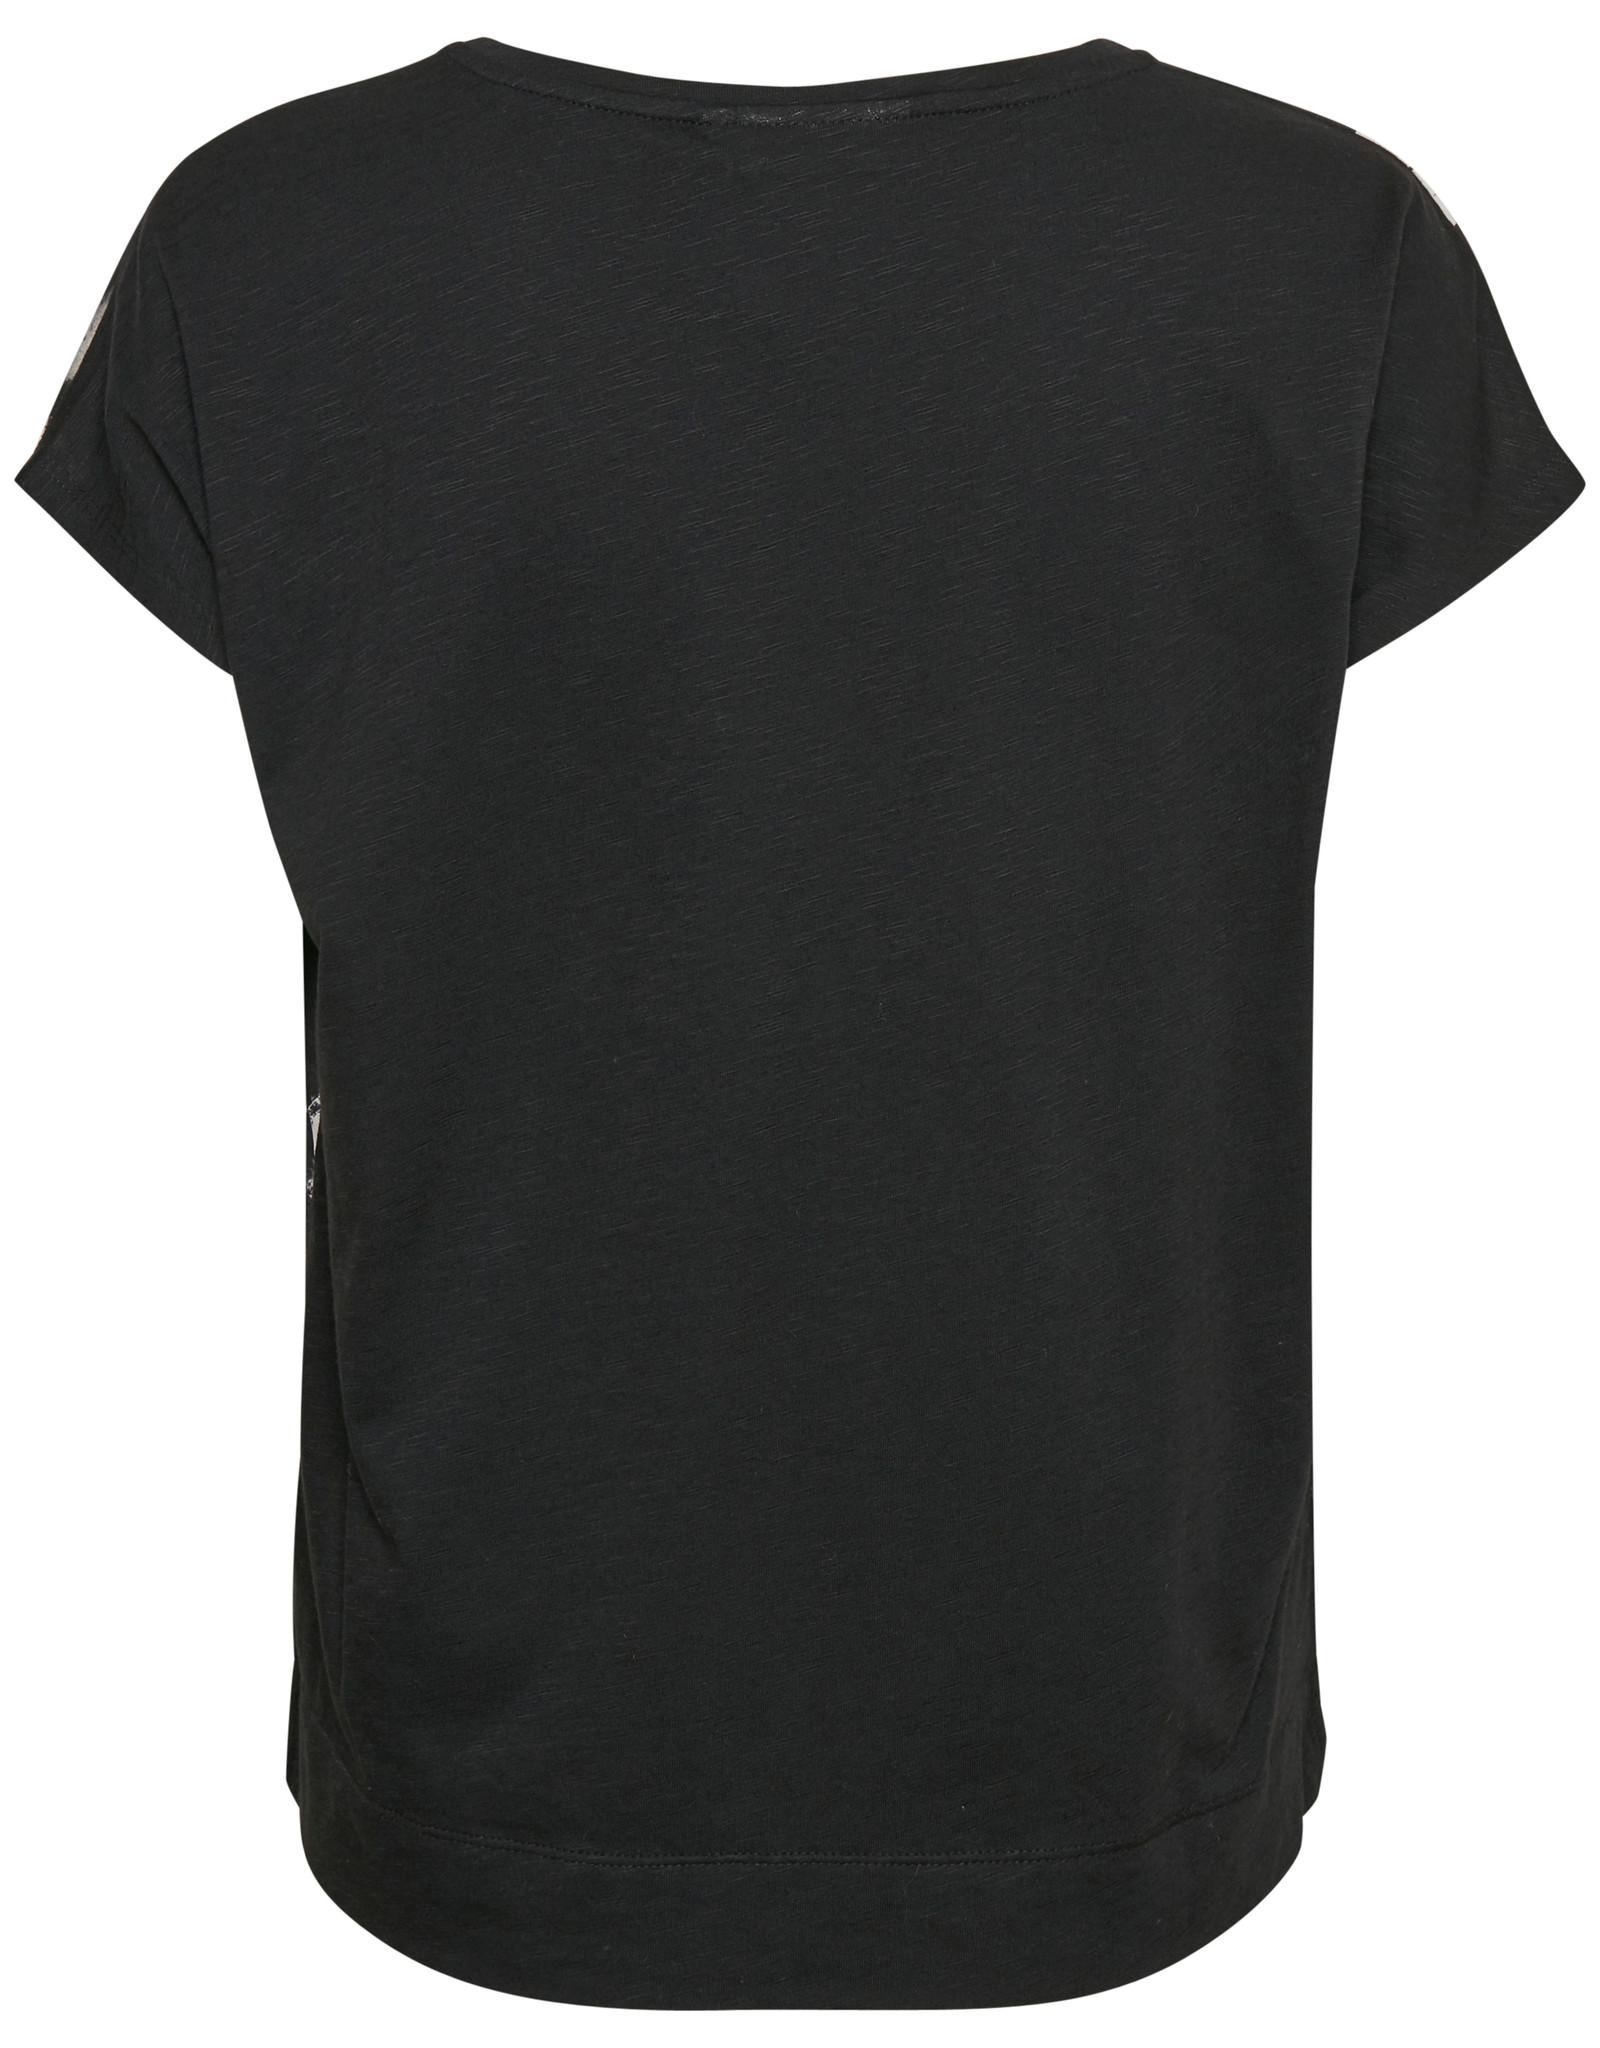 InWear Sicily Tshirt Black Painted Bloom